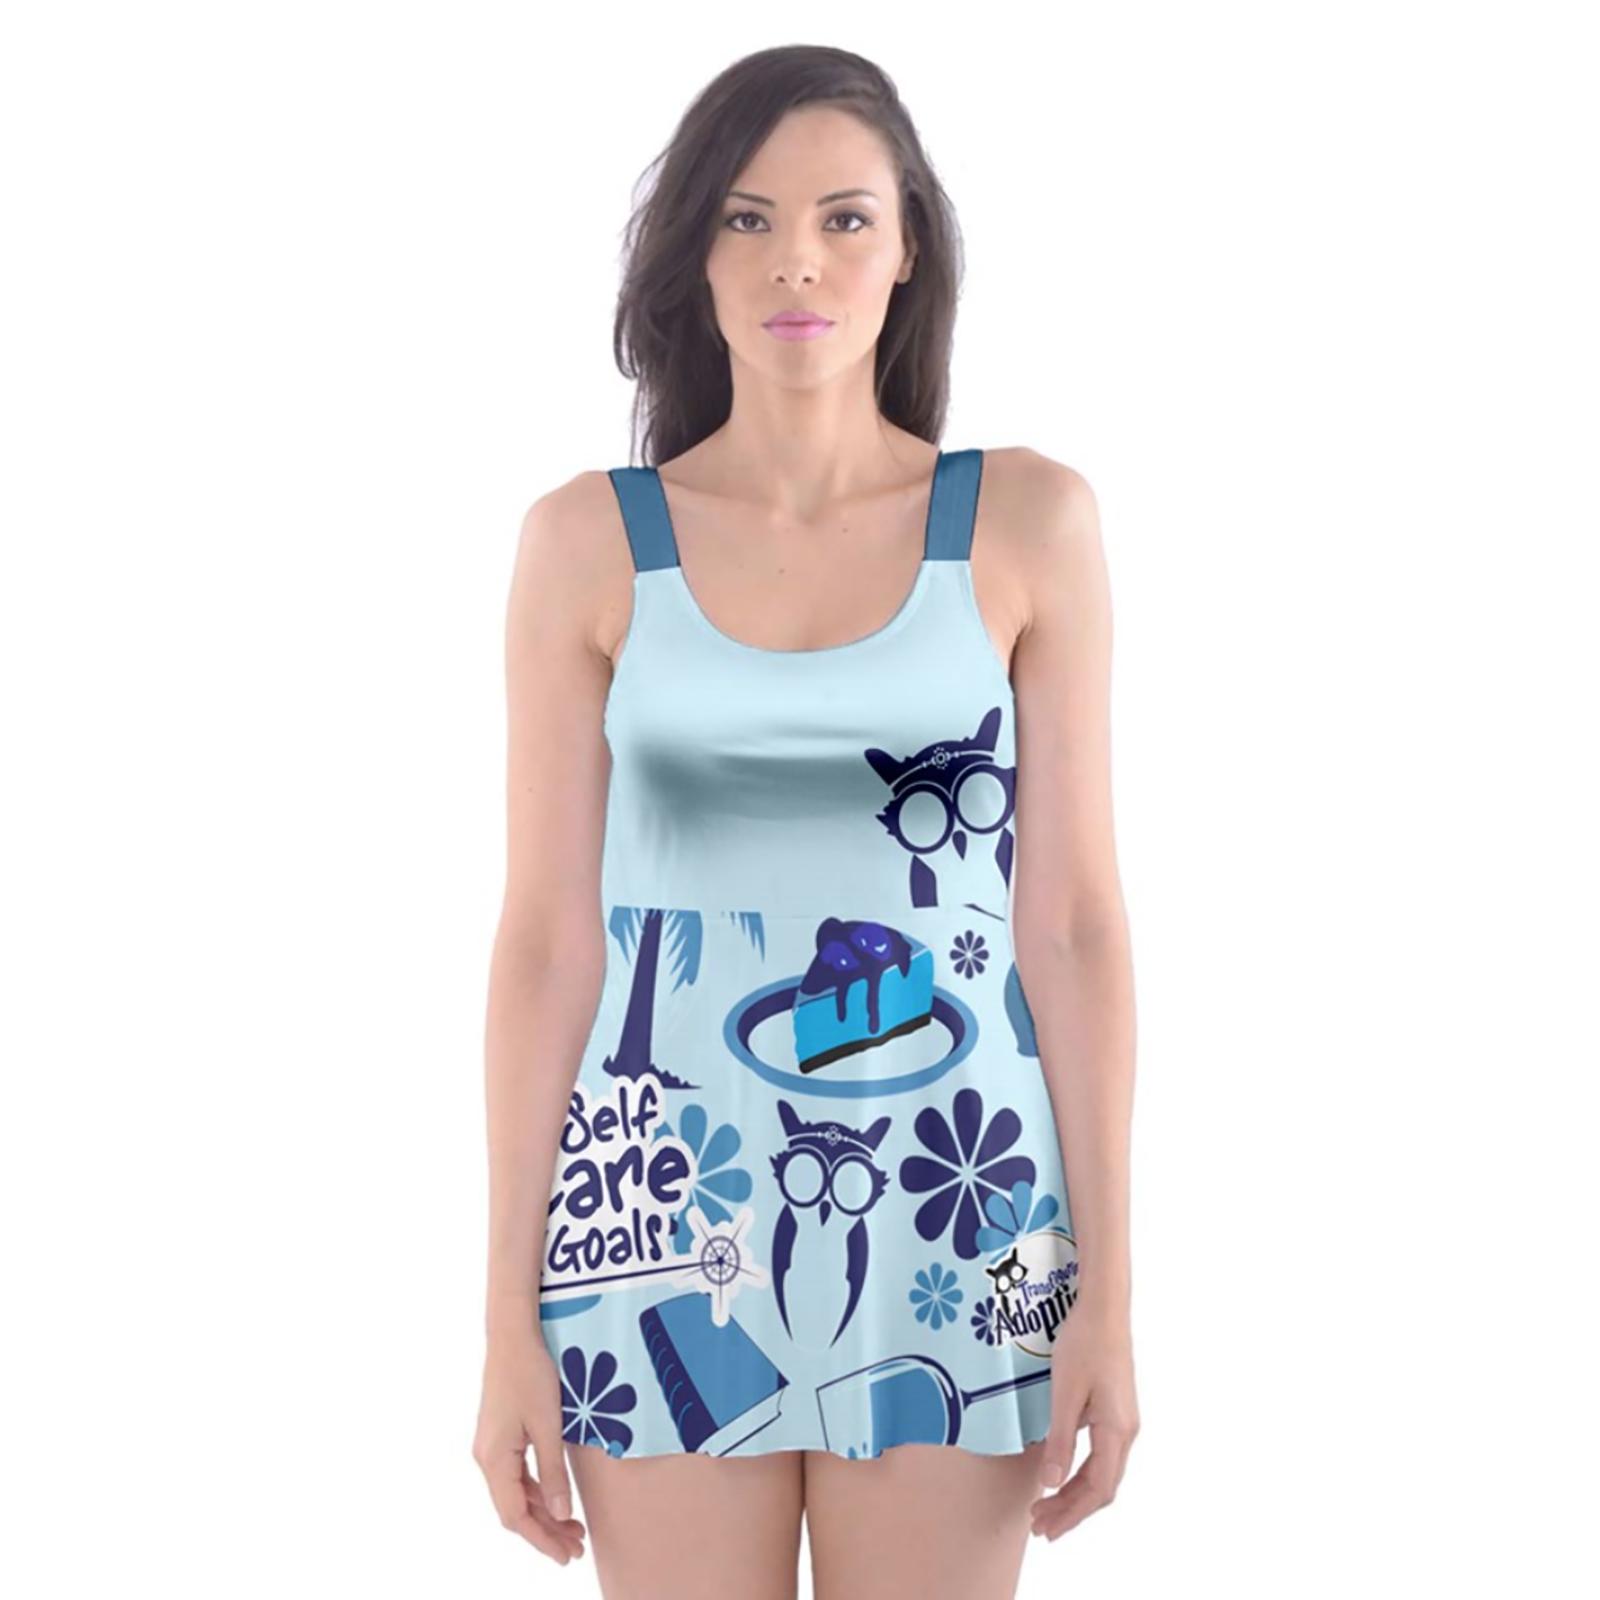 Self-Care Skater Dress Swimsuit (Blue)